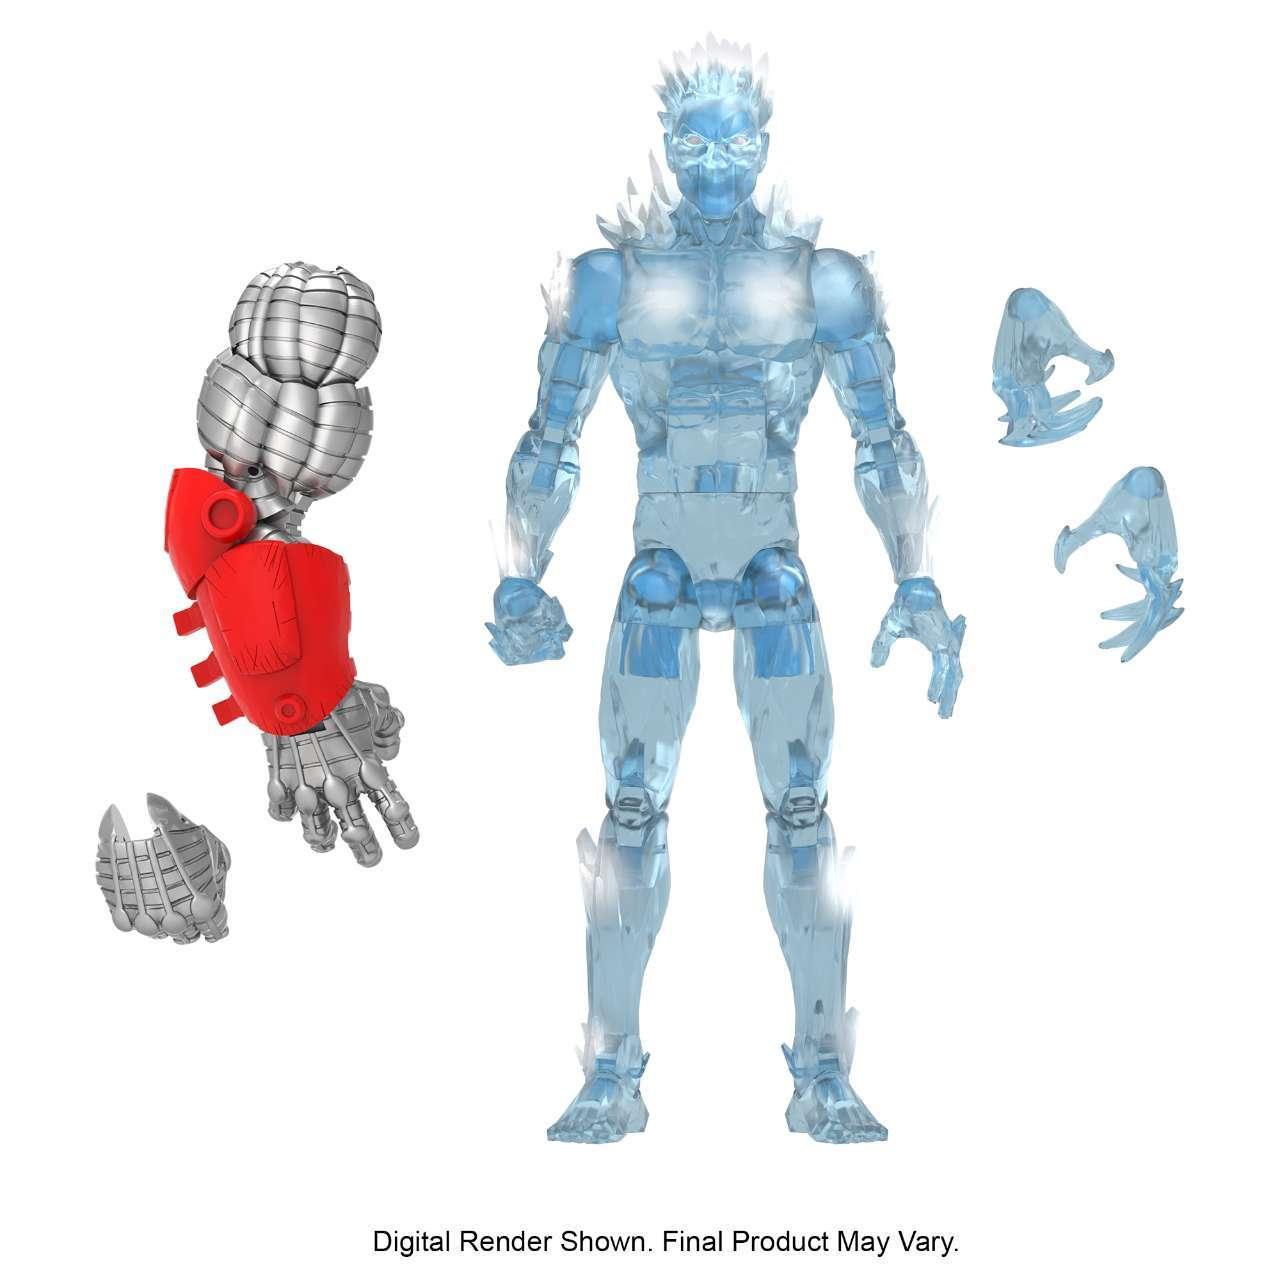 MARVEL LEGENDS SERIES 6-INCH X-MEN AGE OF APOCALYPSE Figure Assortment - ICEMAN (oop 1)